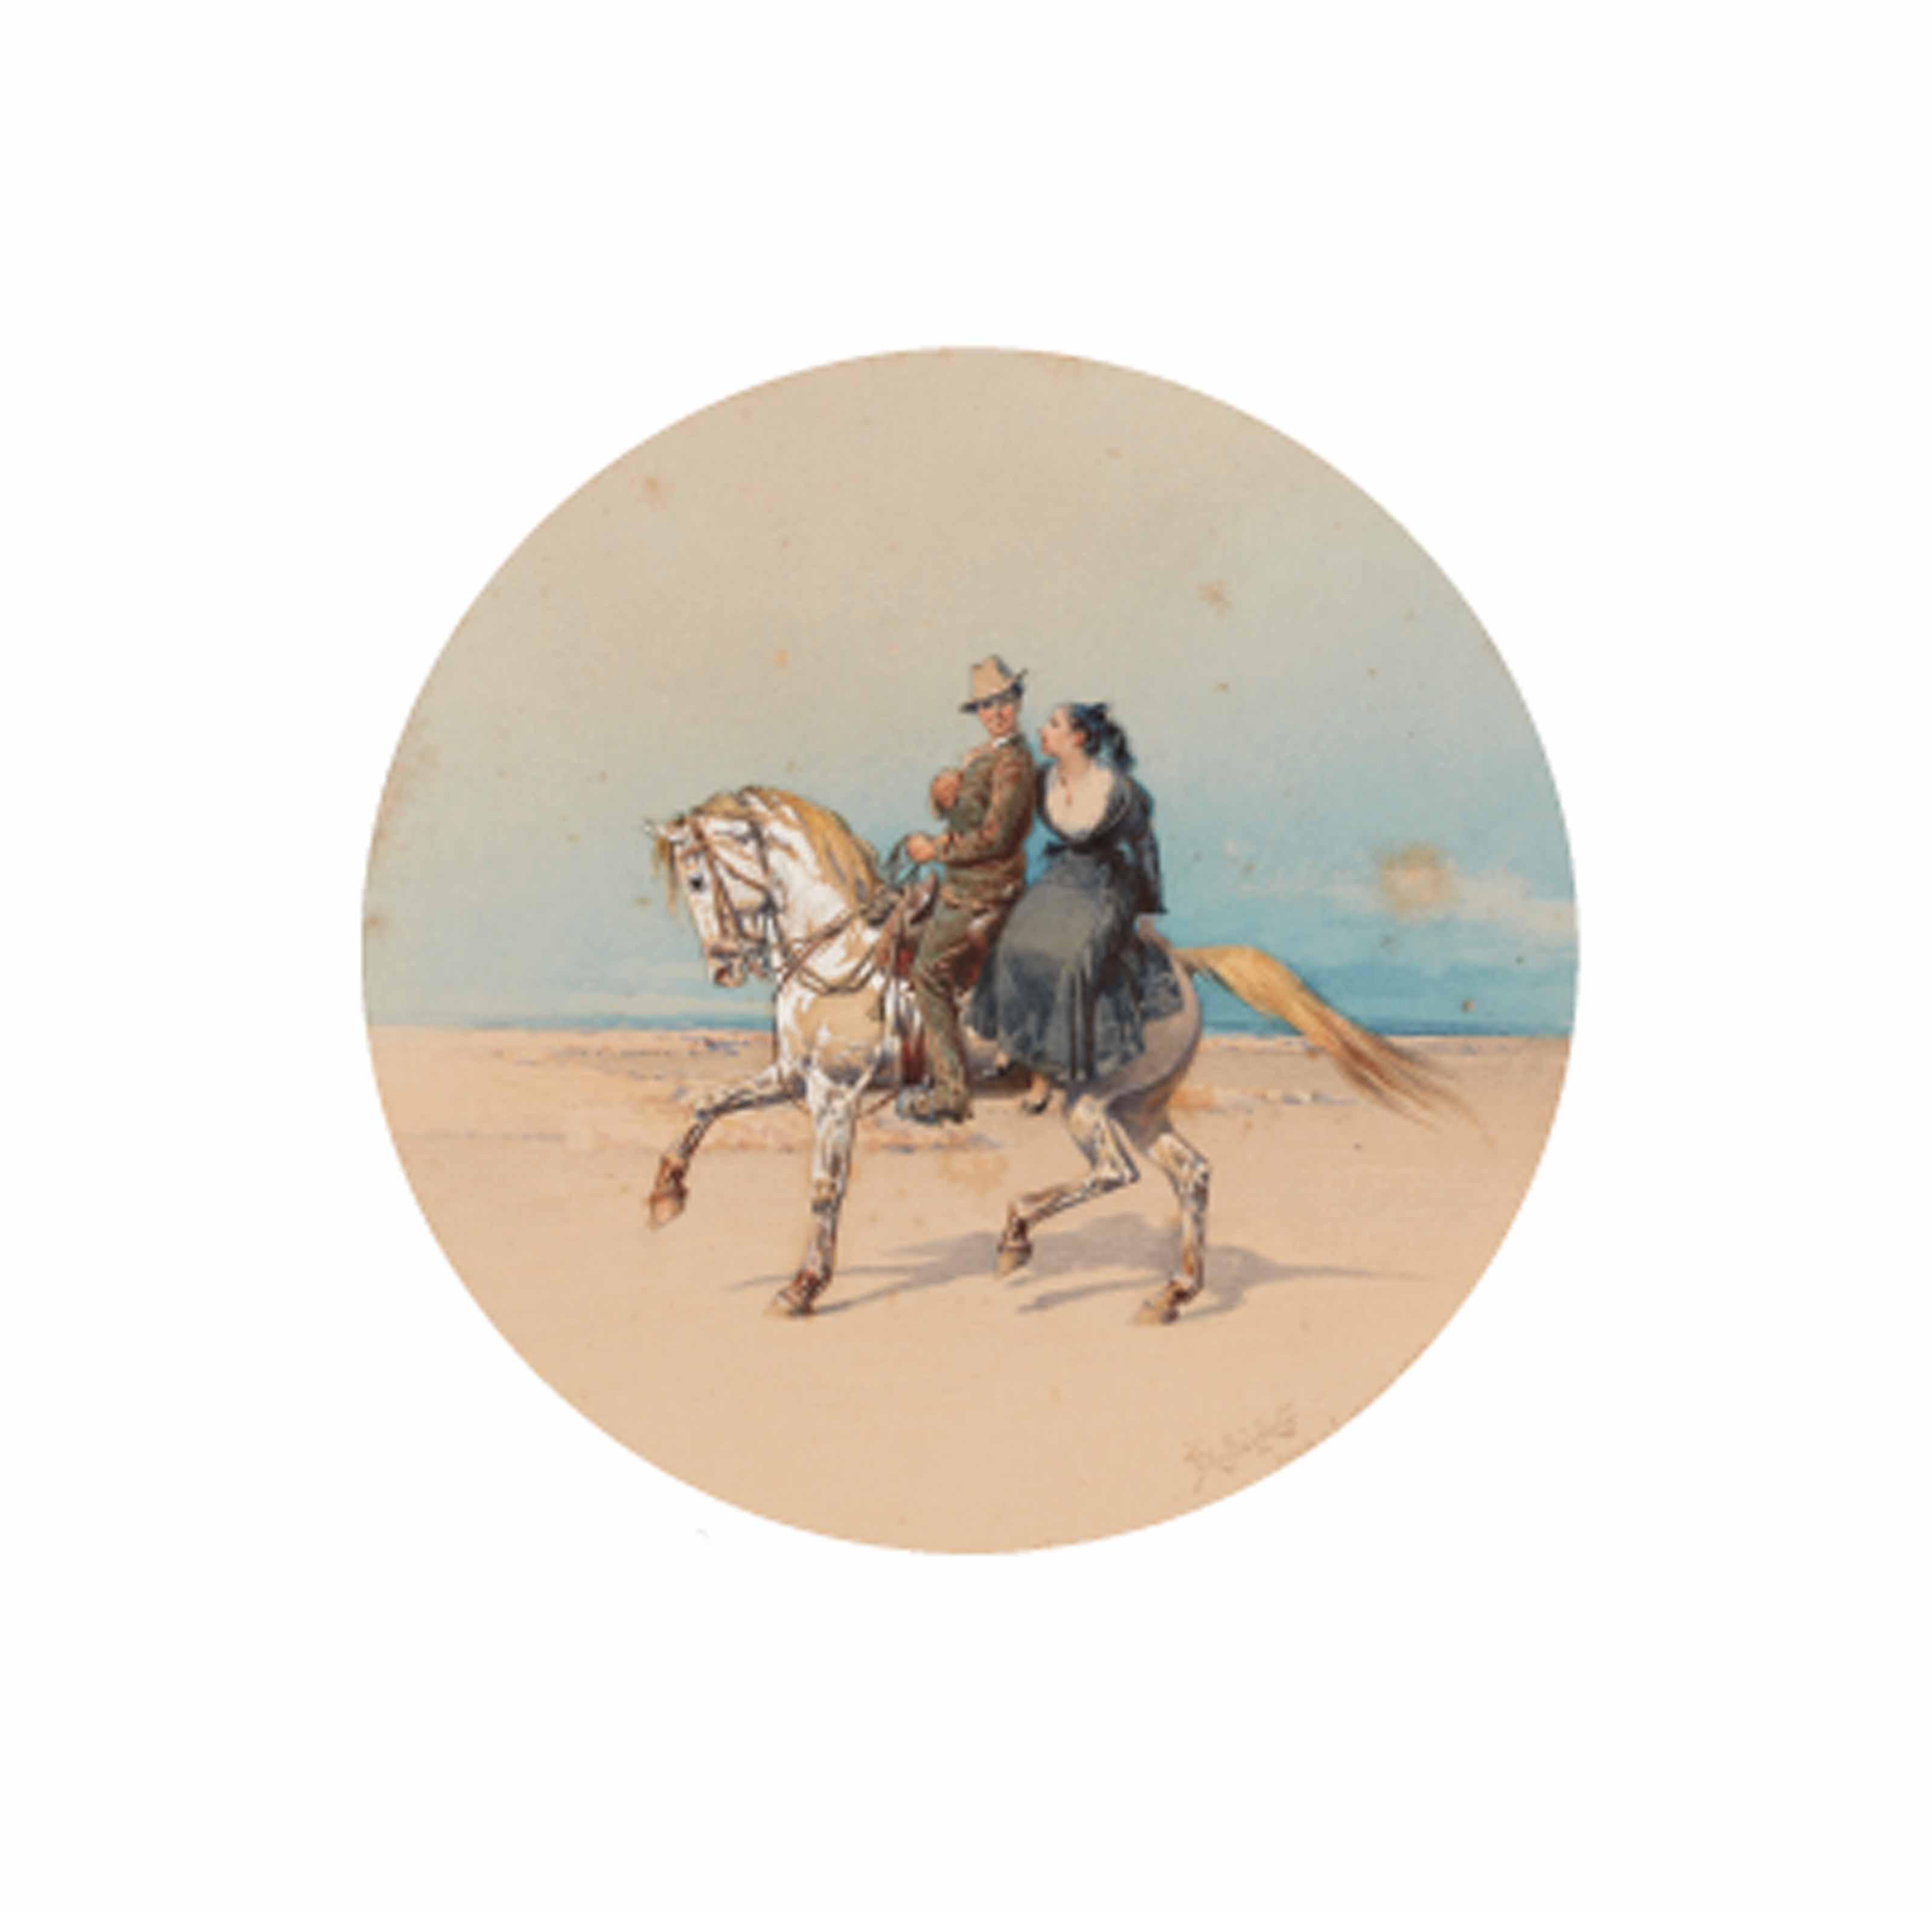 A couple on horseback